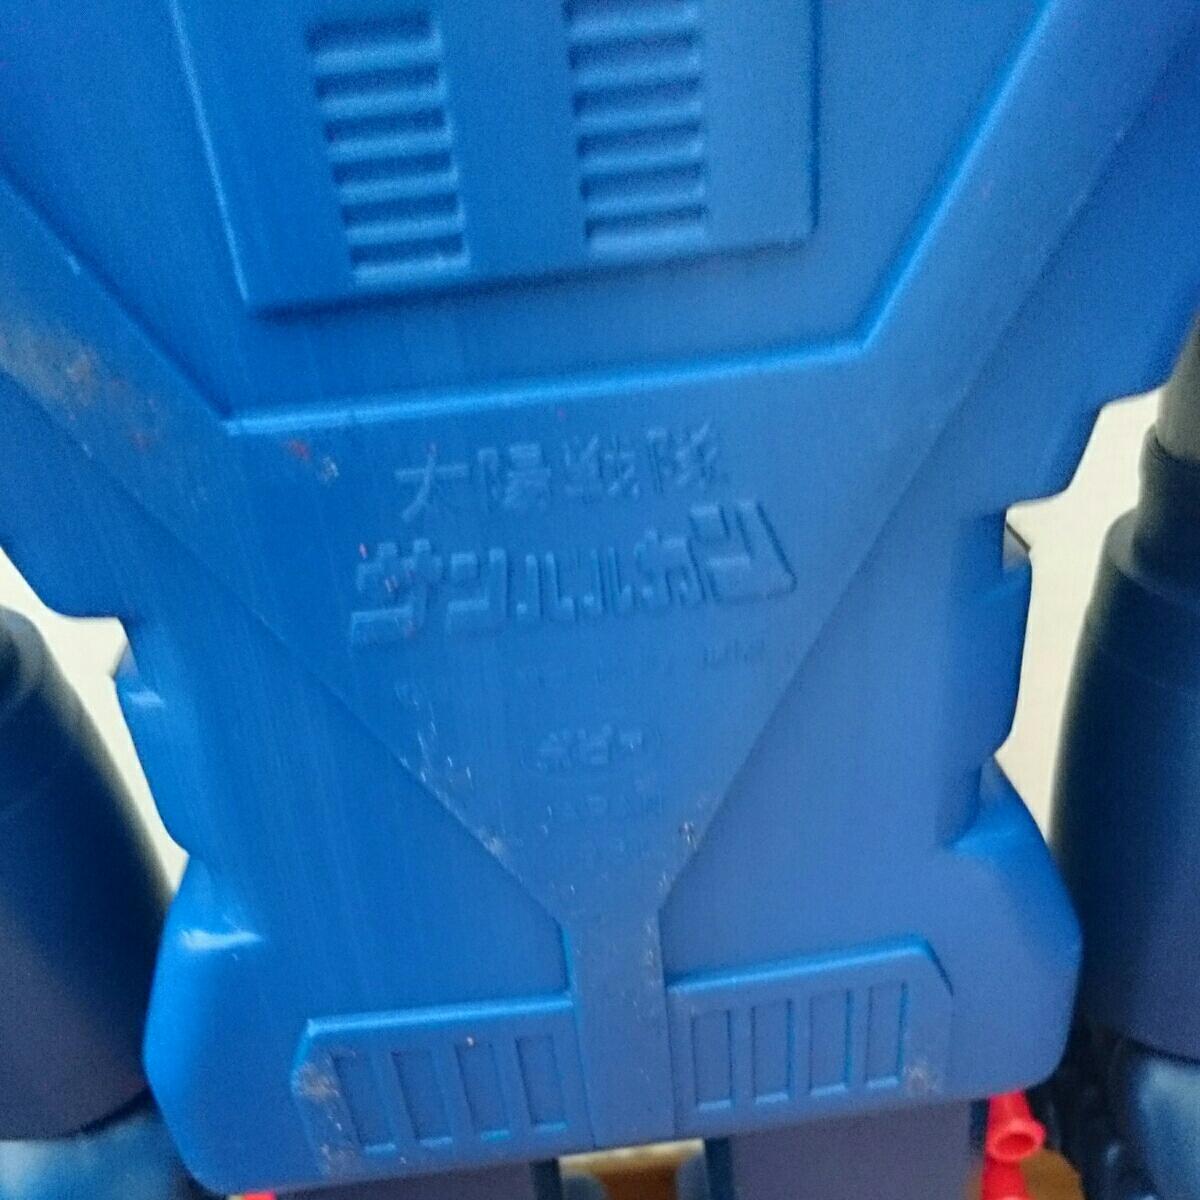 ポピー 太陽戦隊サンバルカン スーパージャンボマシンダー 箱あり 昭和レトロ プラ人形 全長約60cm 希少_画像3